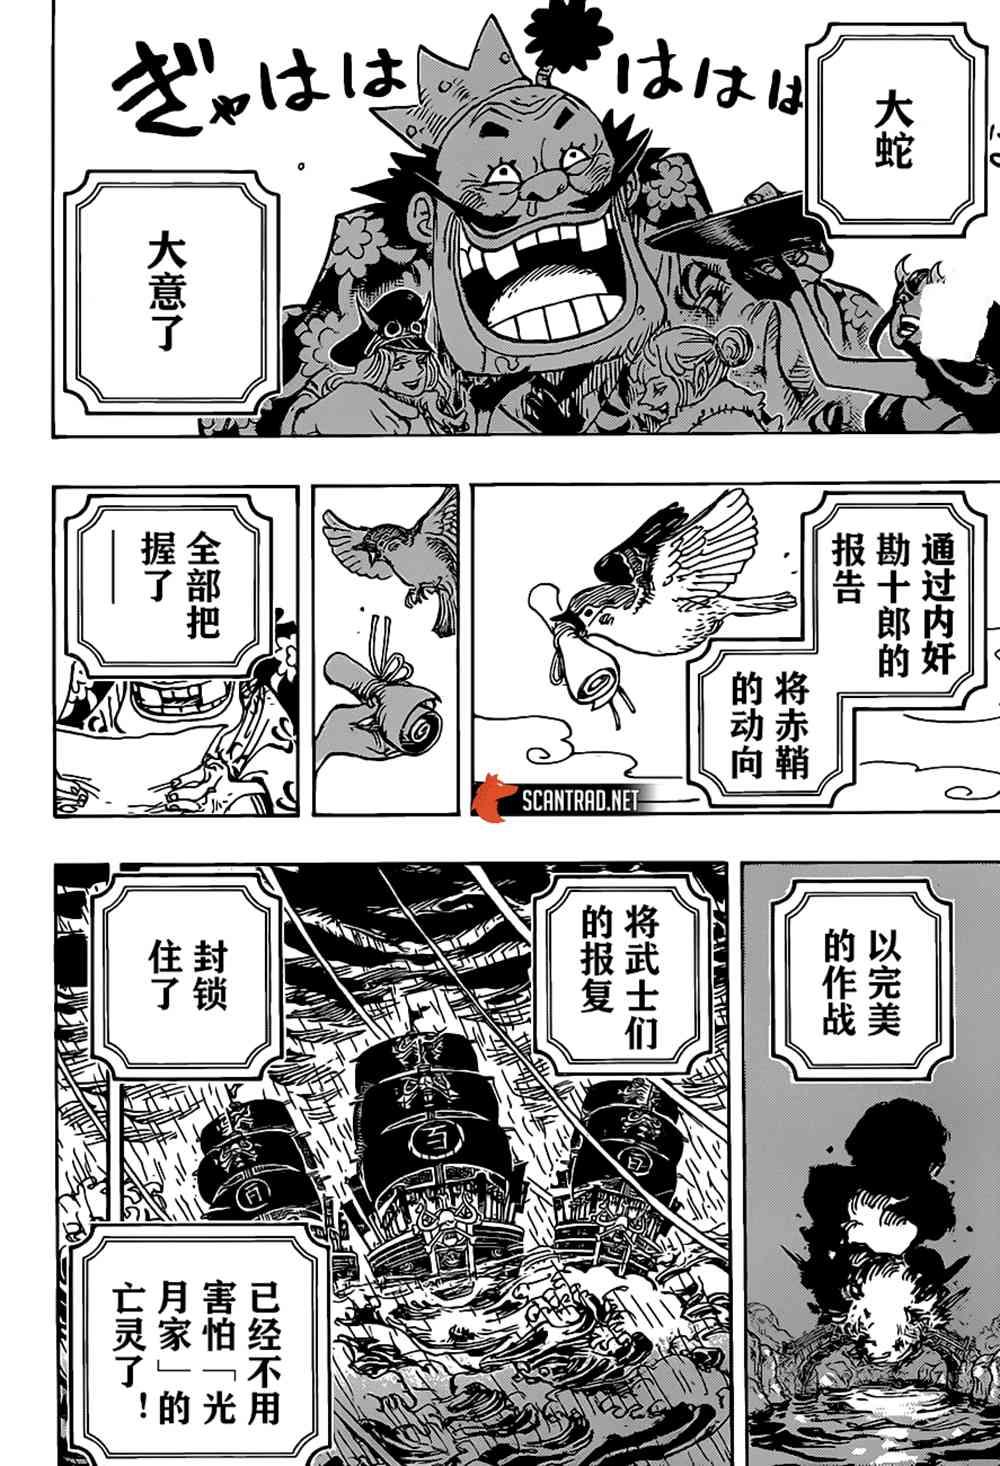 海賊王: 979话 家族问题 - 第2页